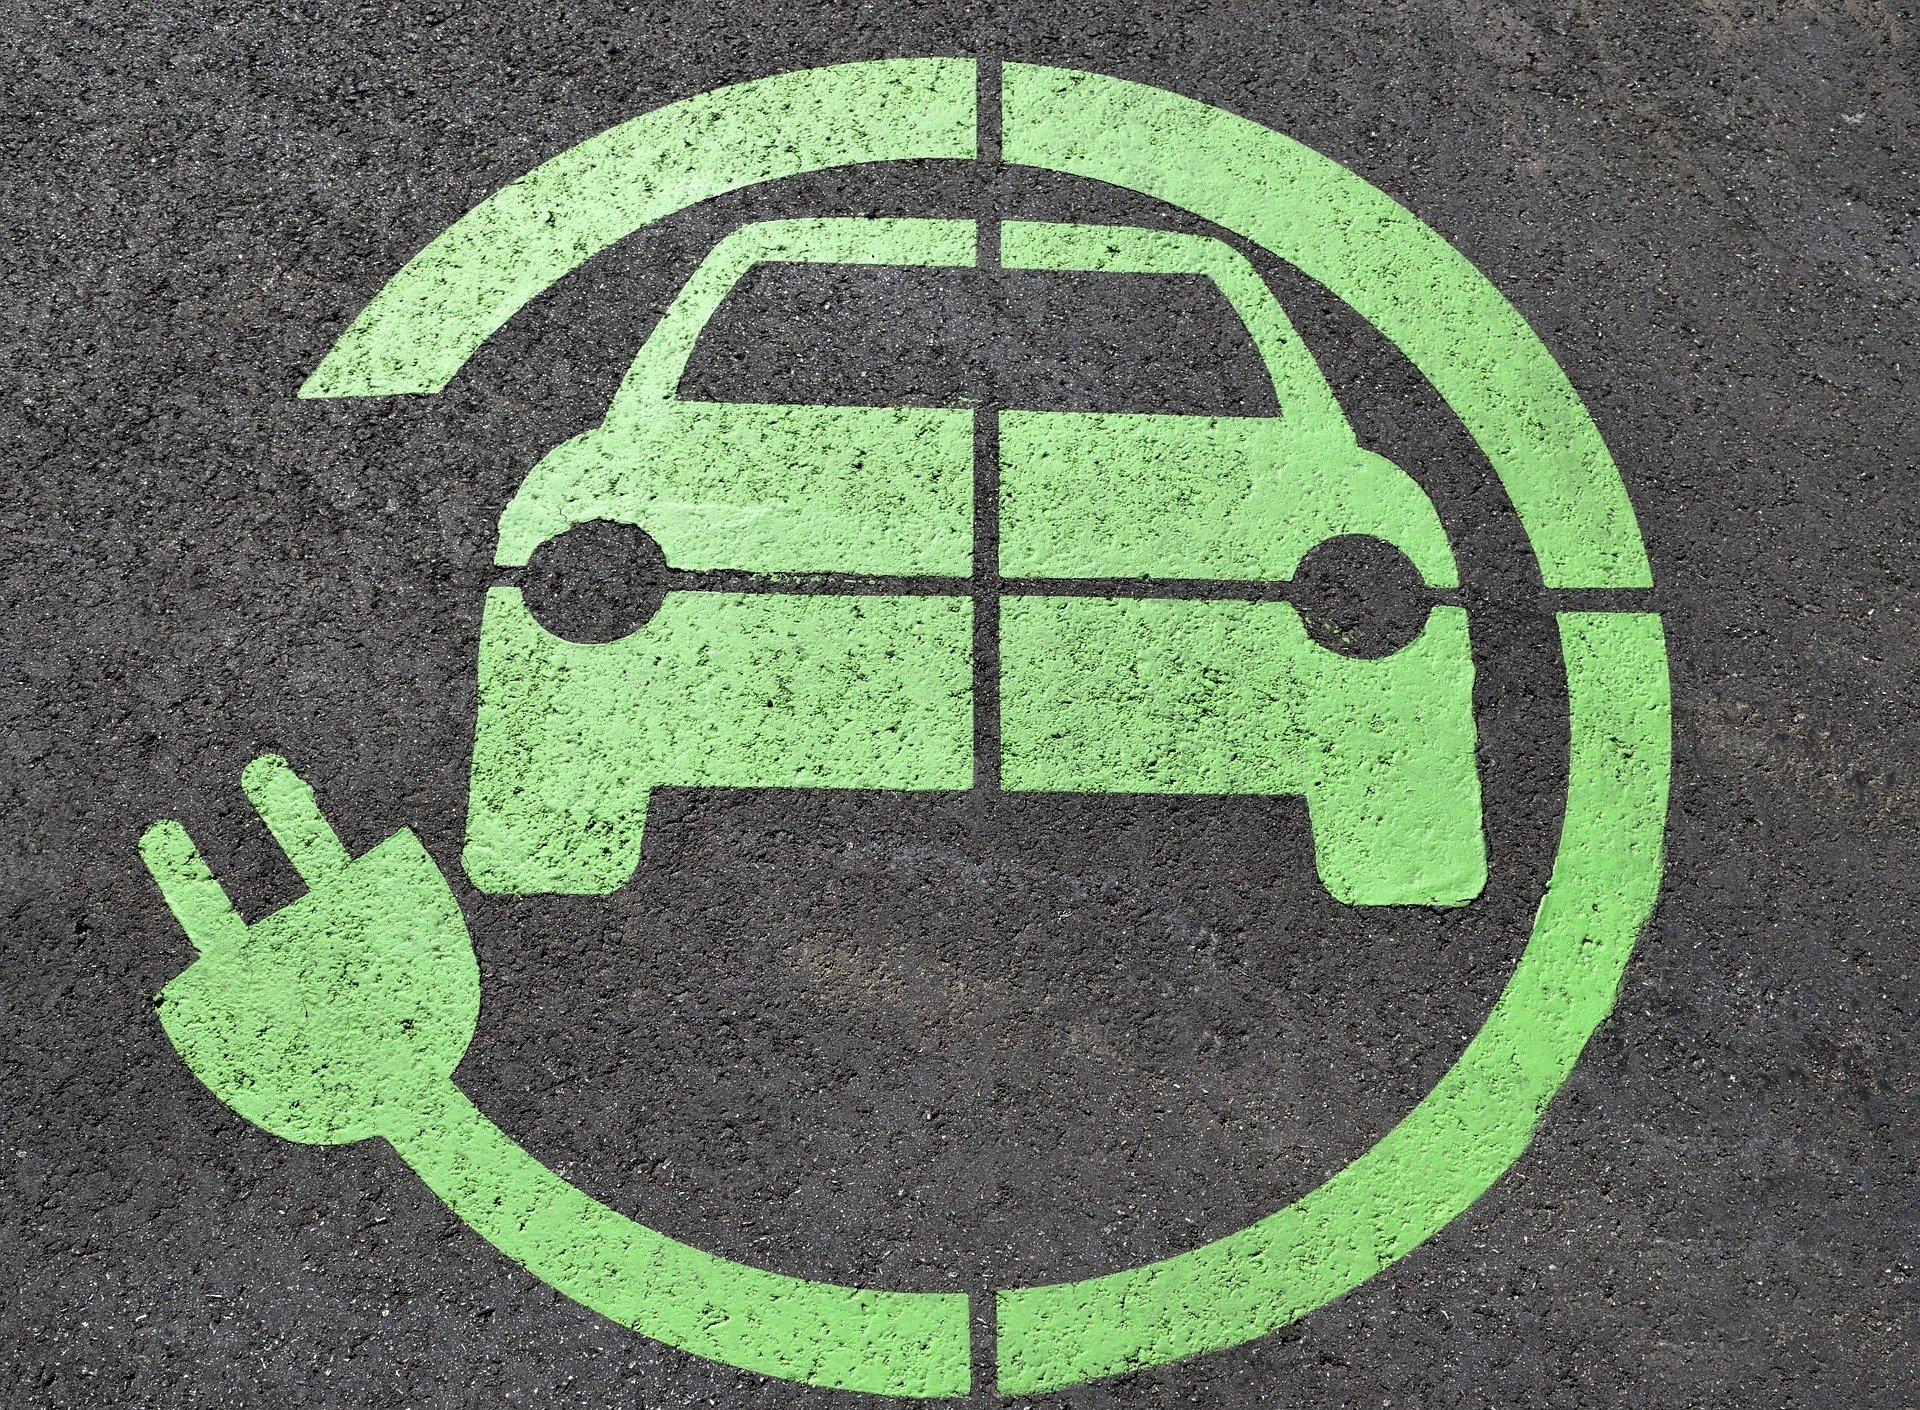 """السيارات الكهربائية في الإمارات رؤية مستقبلية تتجاوز """"مطبات"""" الانتشار"""